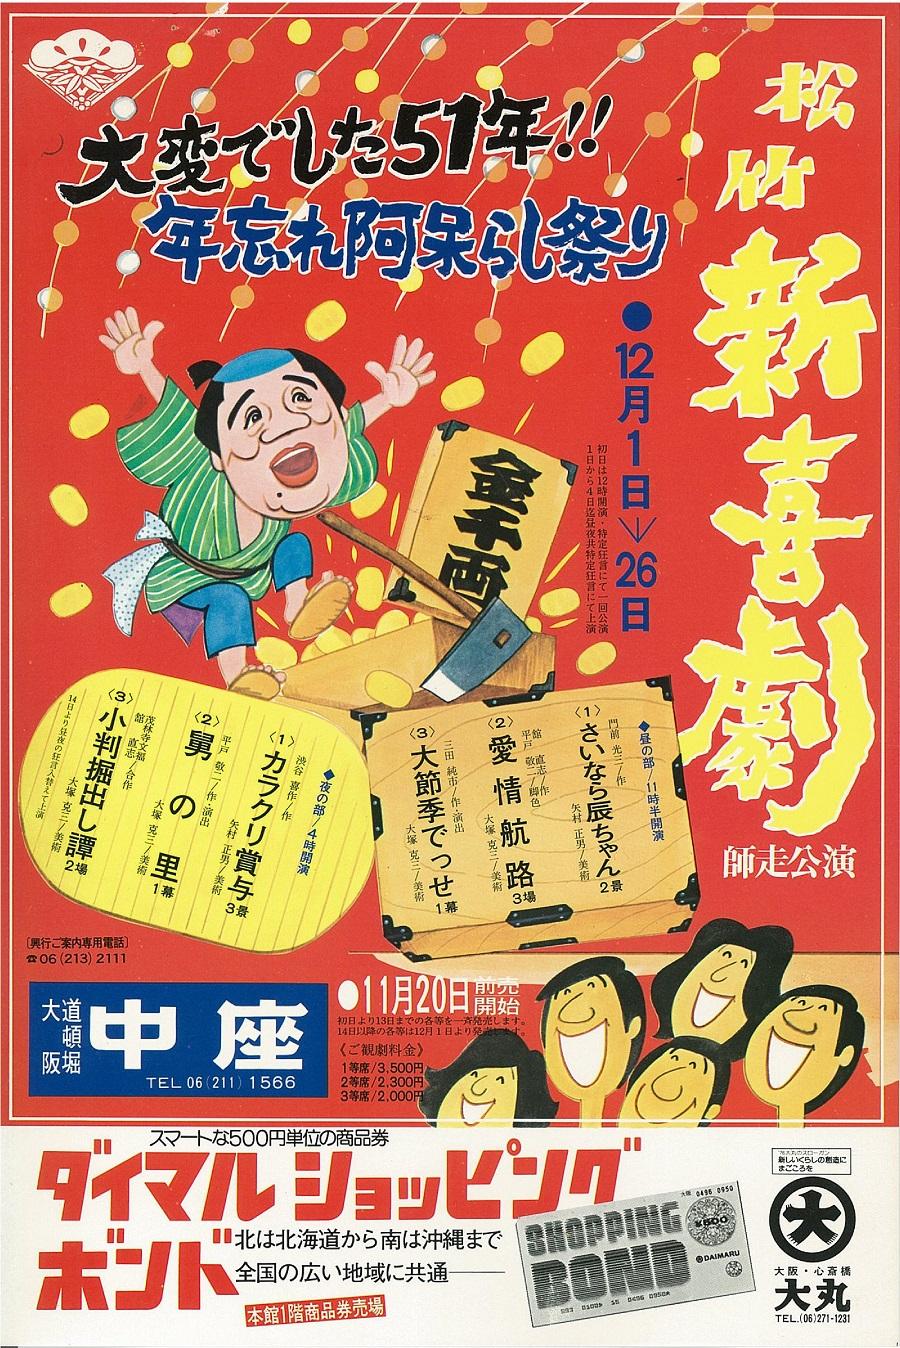 【中座】松竹新喜劇 師走公演